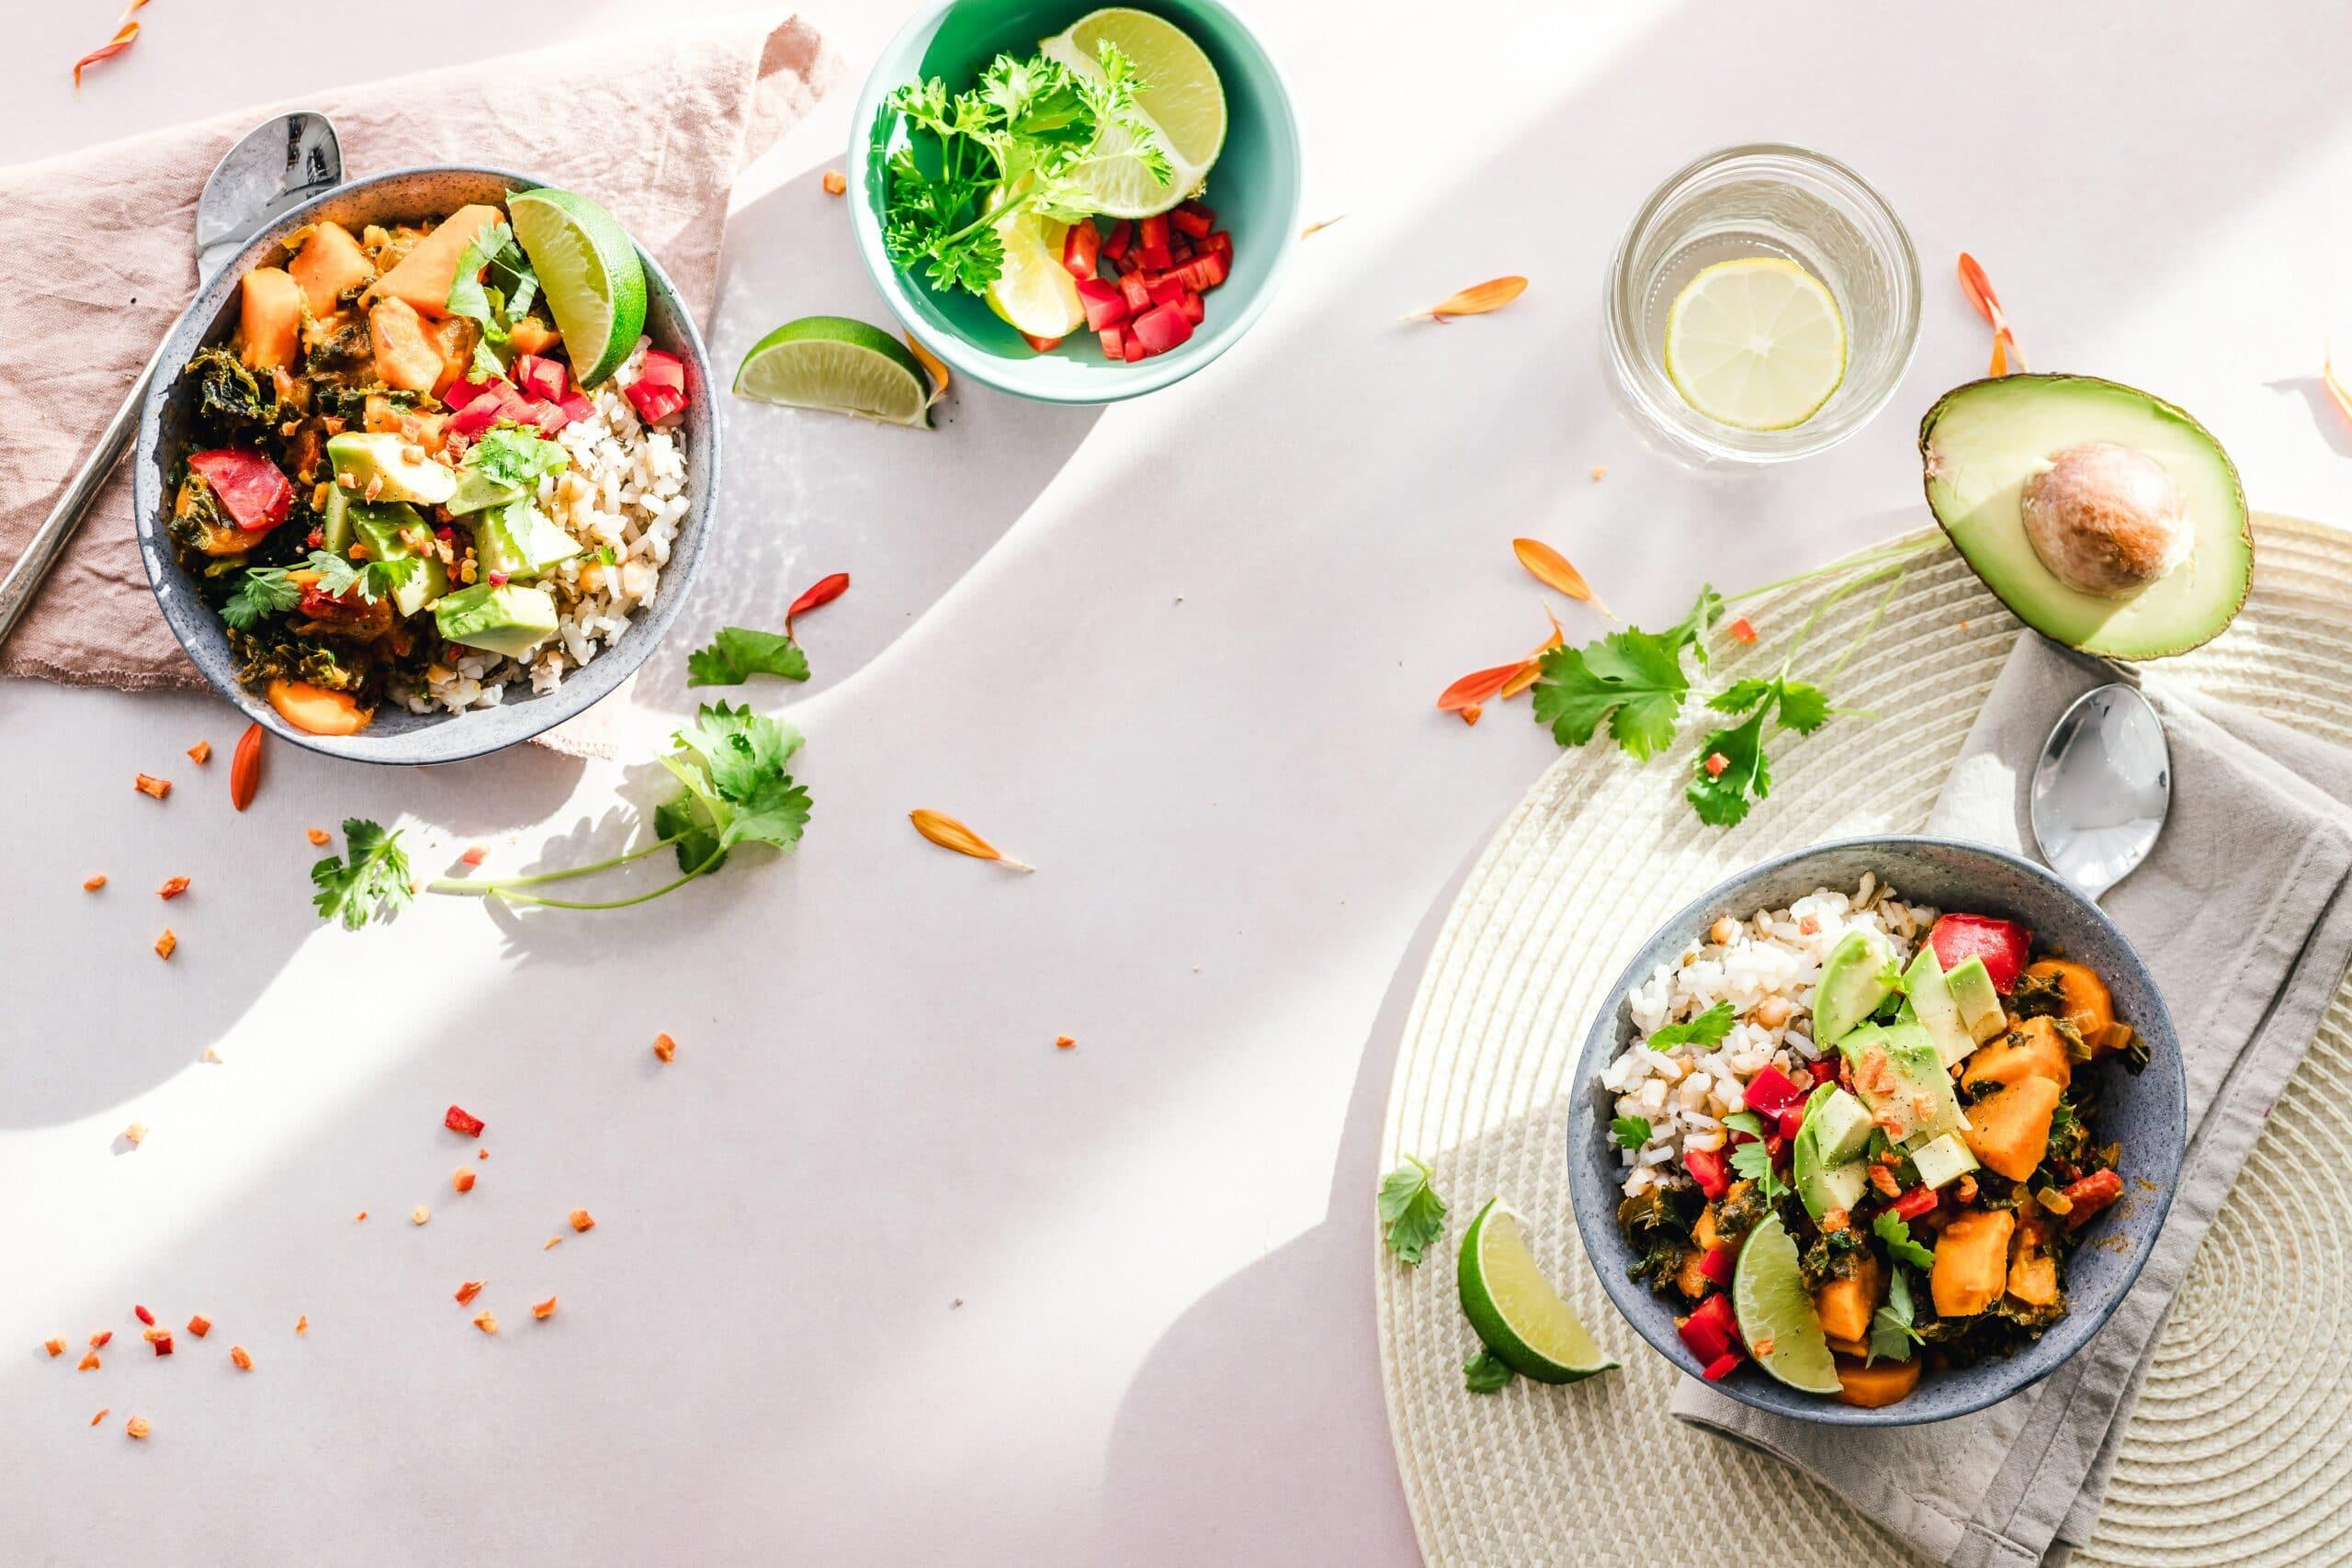 Día Mundial de la Alimentación - 16 de octubre